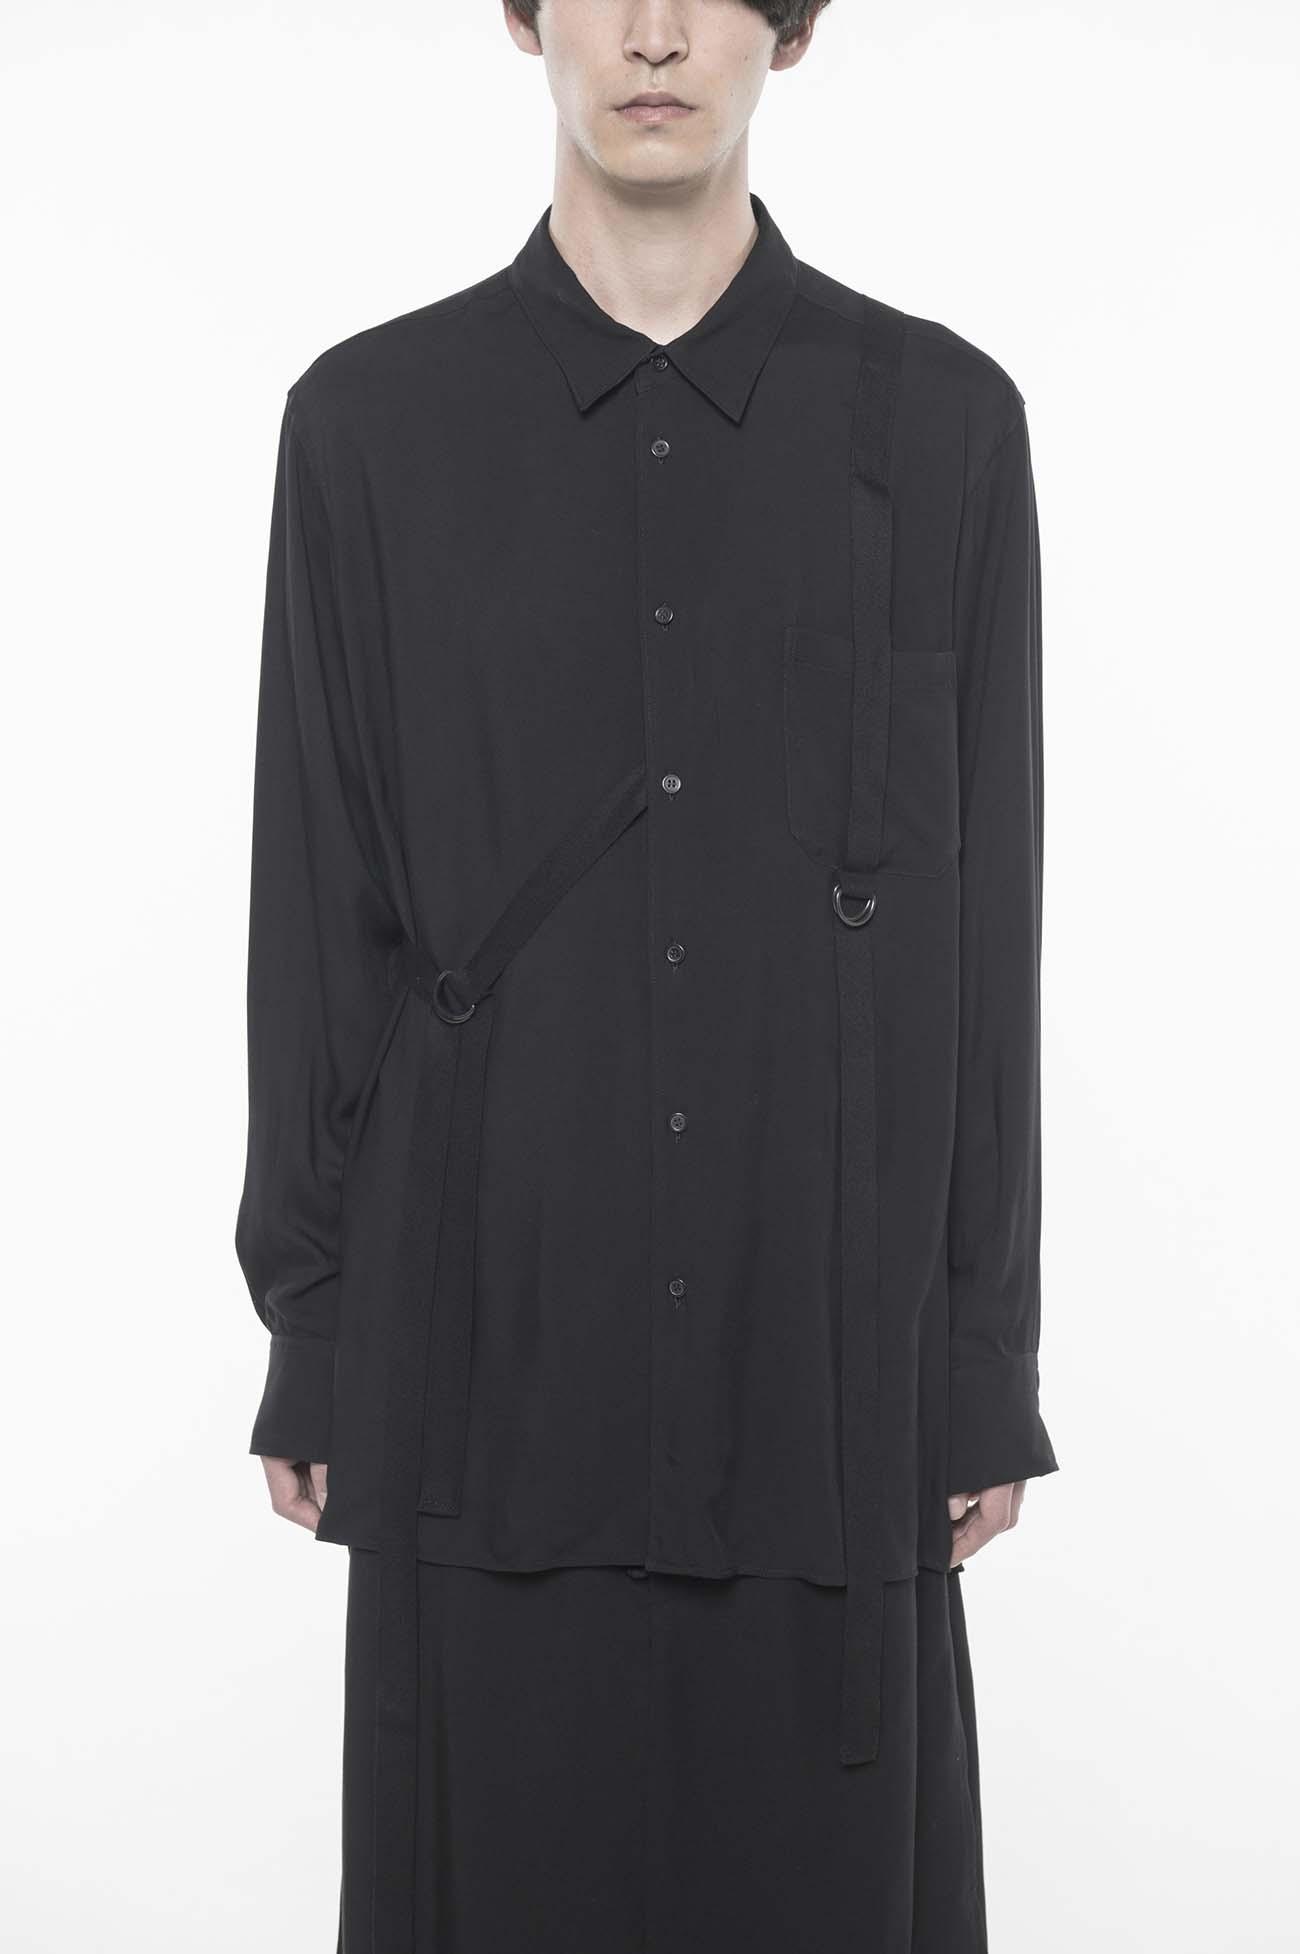 60s Ry/Span Twill/Cu Washer Regular Bondage Shirt